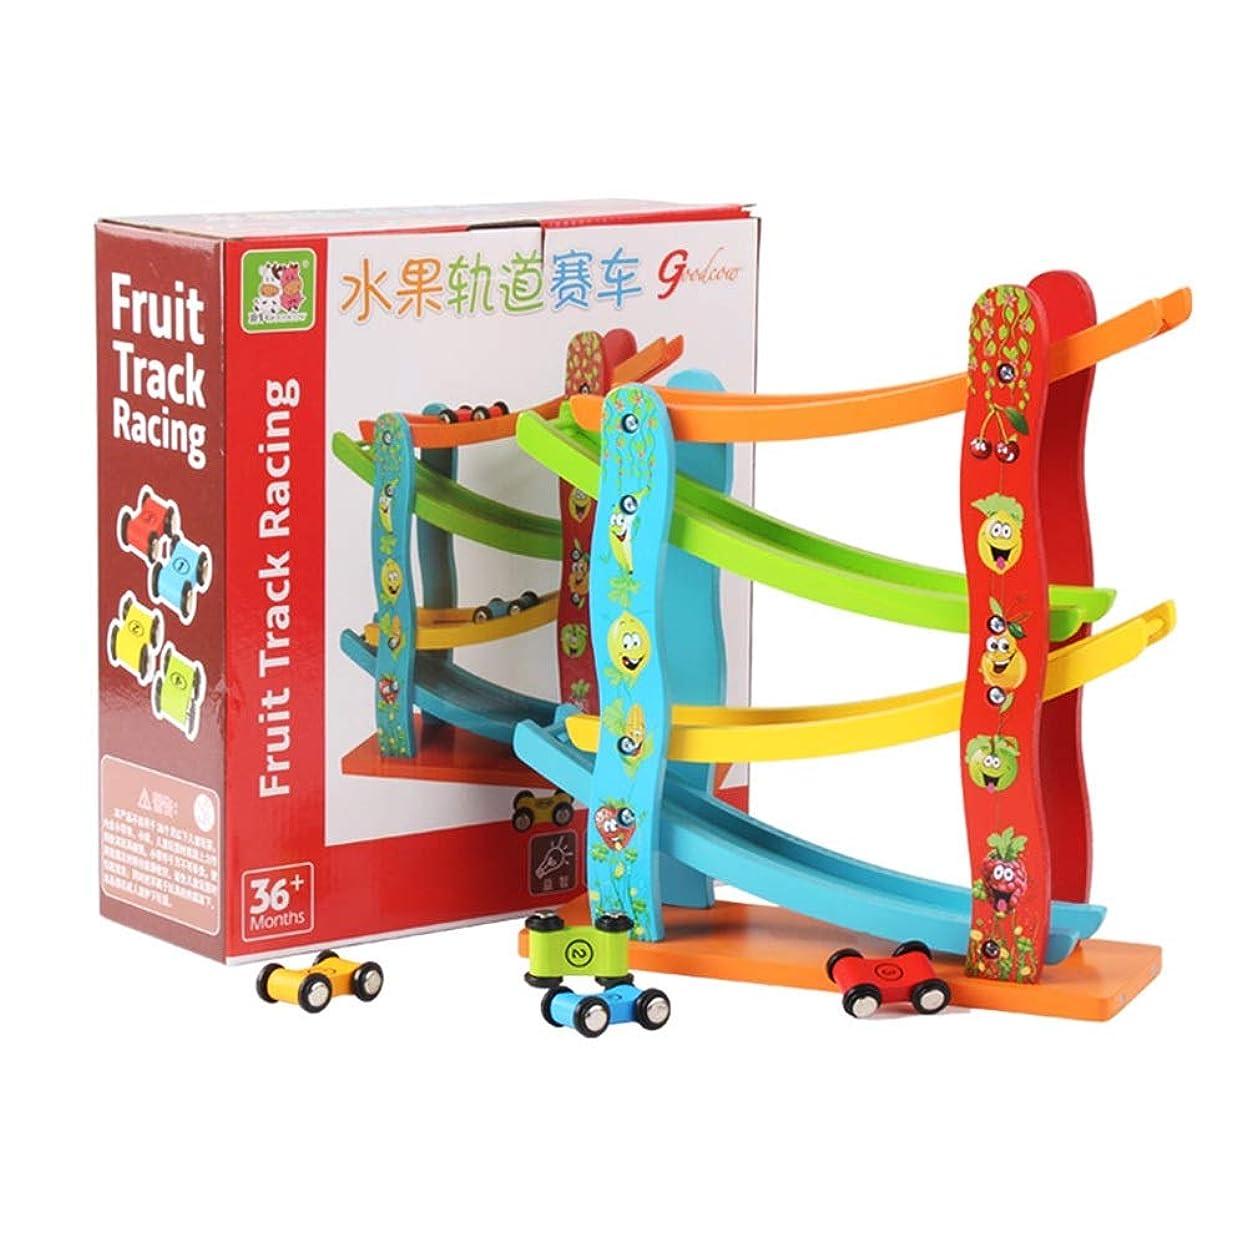 墓地エージェント継承Xyanzi 子どもおもちゃ 車のランプのおもちゃ、幼児のおもちゃレーストラックカーランプレーサー木製ランプ幼児のおもちゃ1 2歳の男の子と女の子の贈り物9.65X3.54X10.24